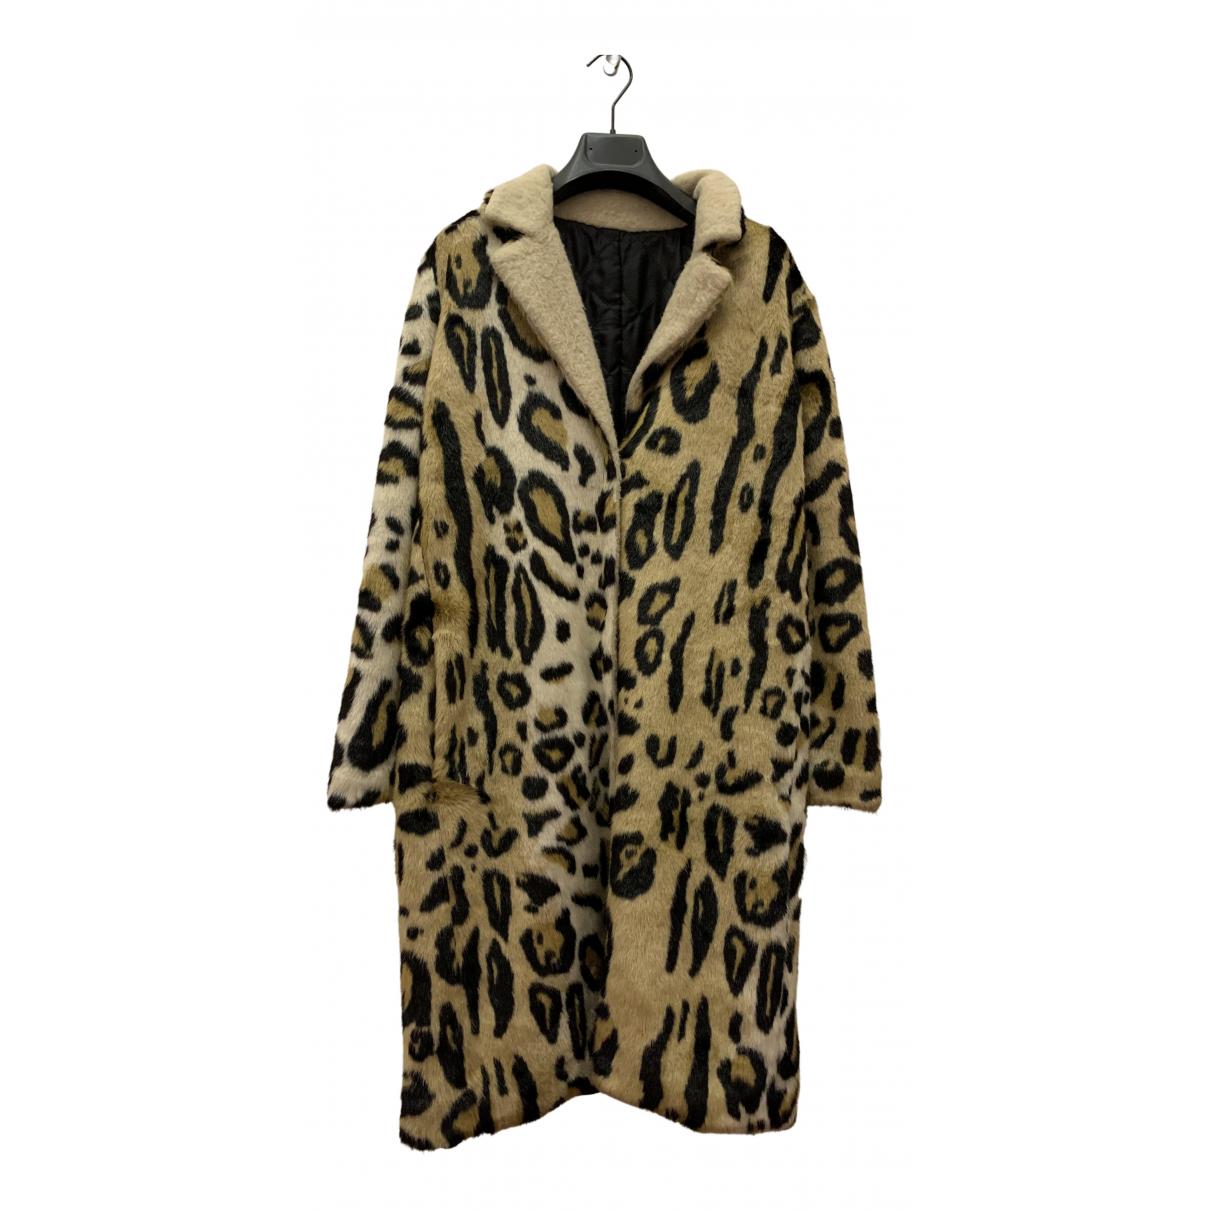 Modalu - Manteau   pour femme en fourrure synthetique